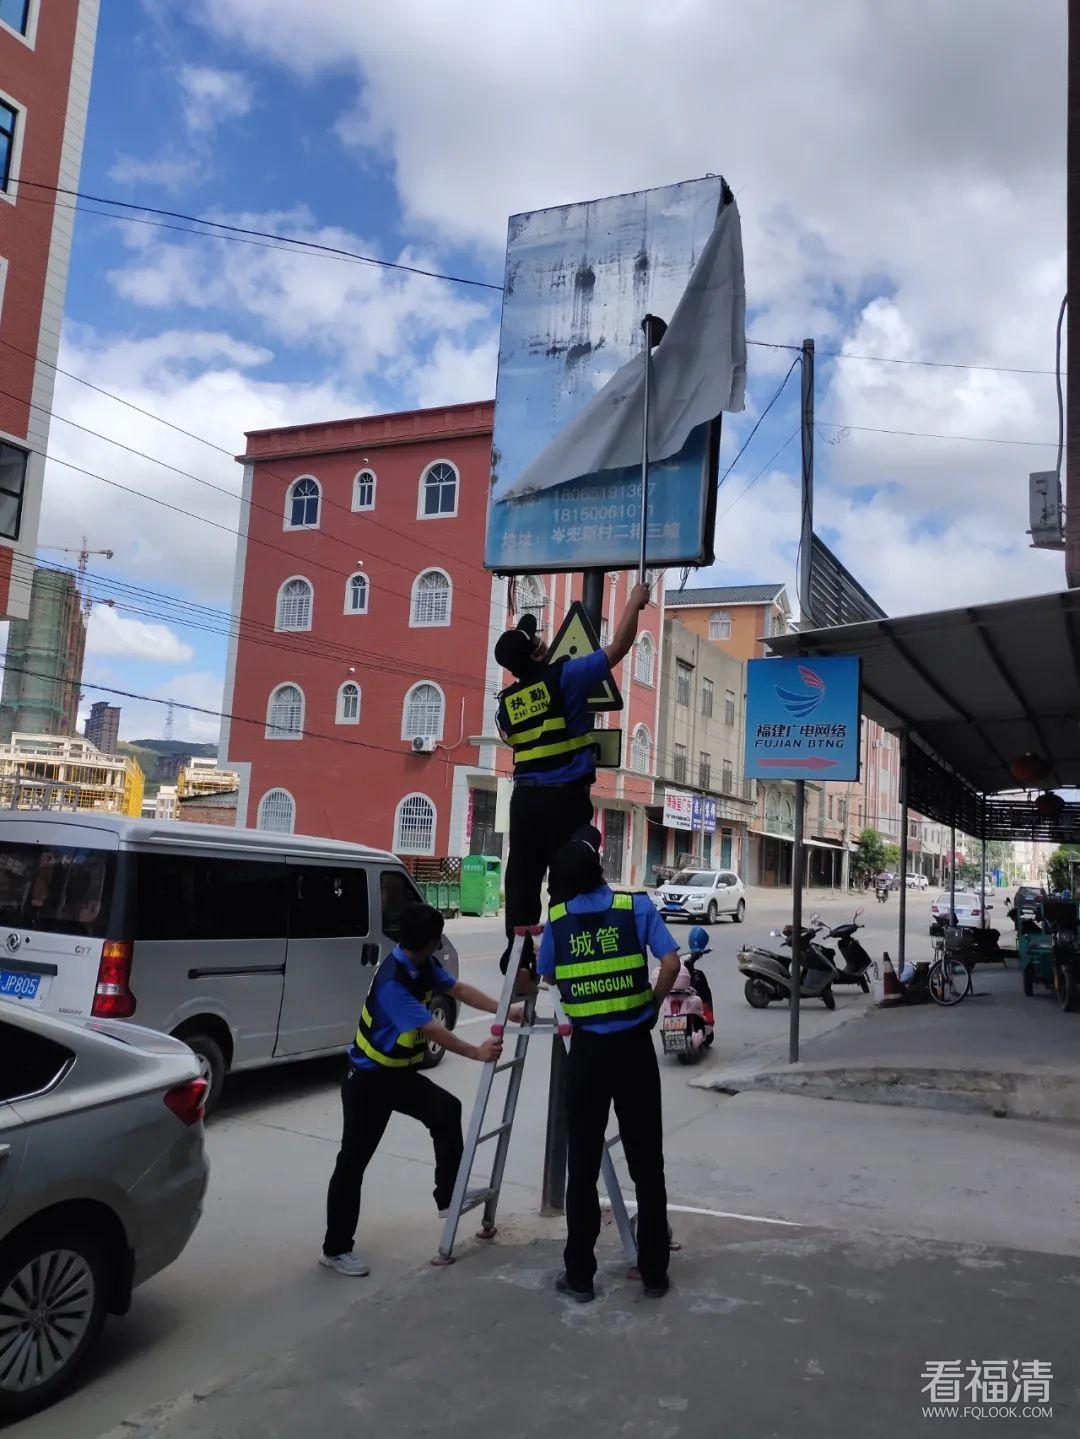 汛期将至,福清城管开展广告牌安全隐患排查工作